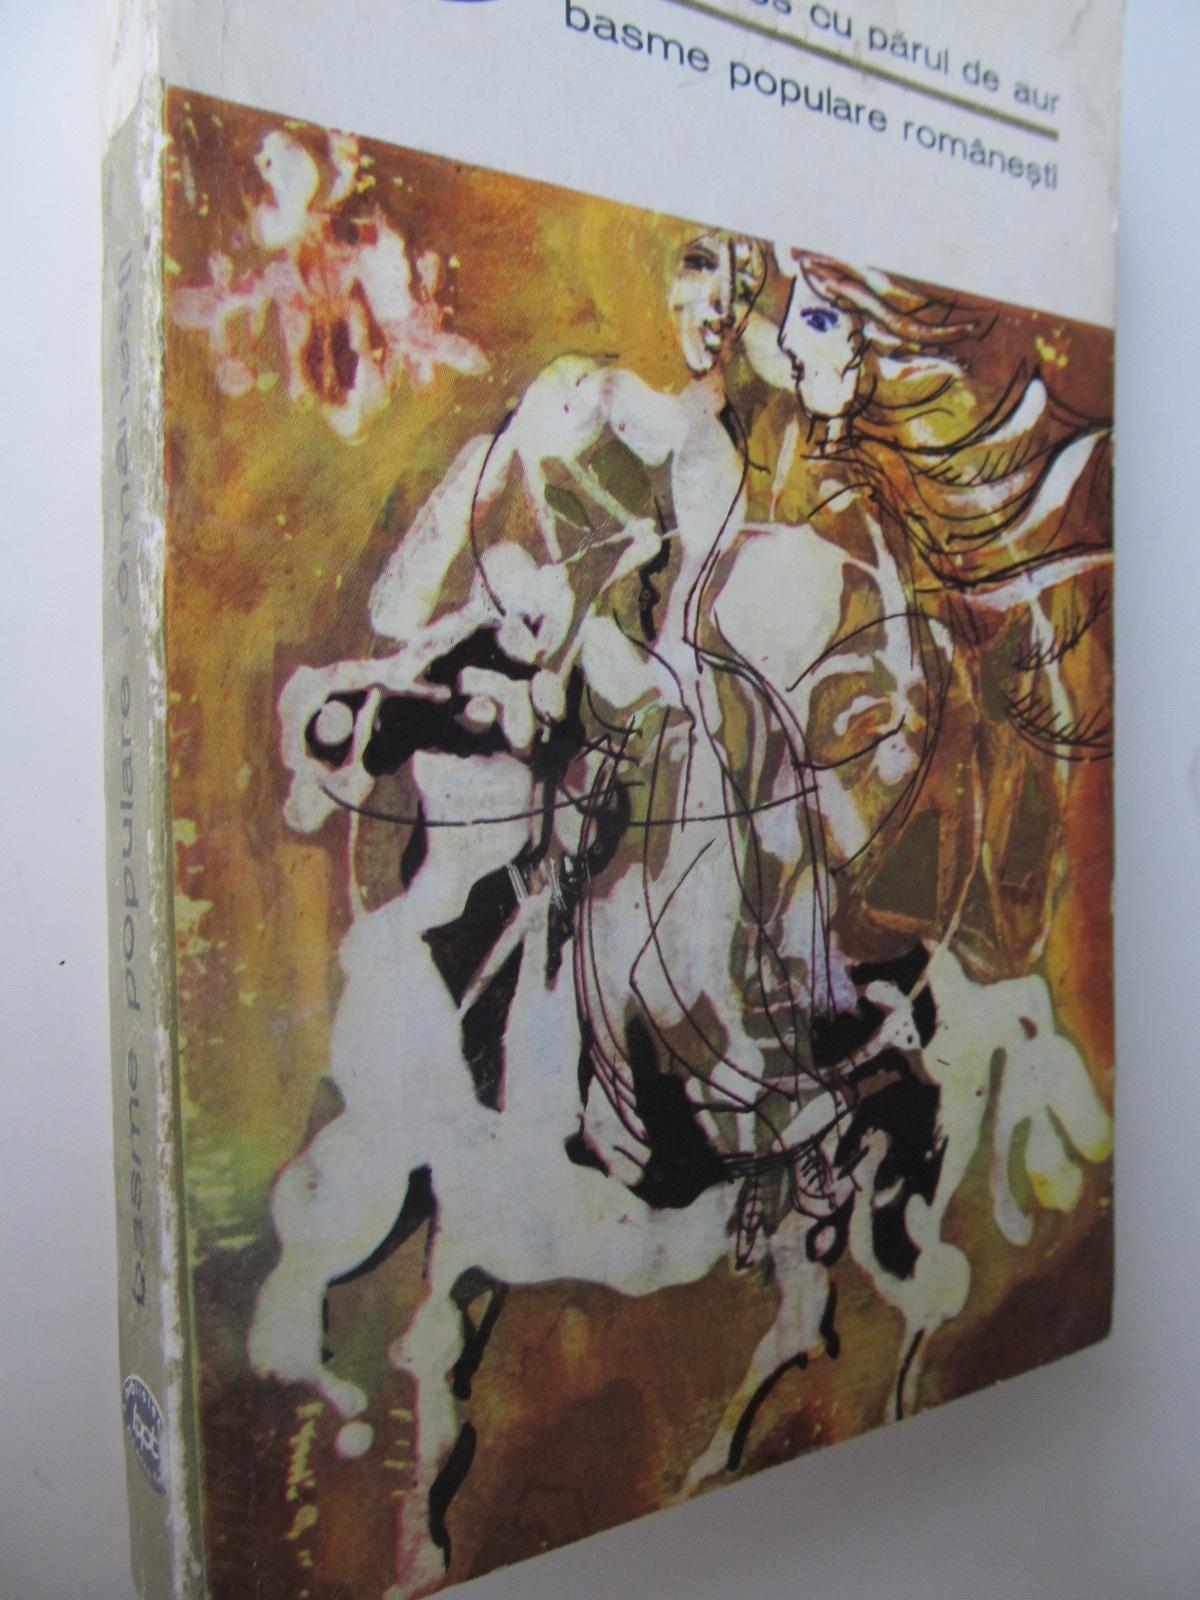 Carte Basme populare romanesti - Fat frumos cu parul de aur (vol. 2) - ***